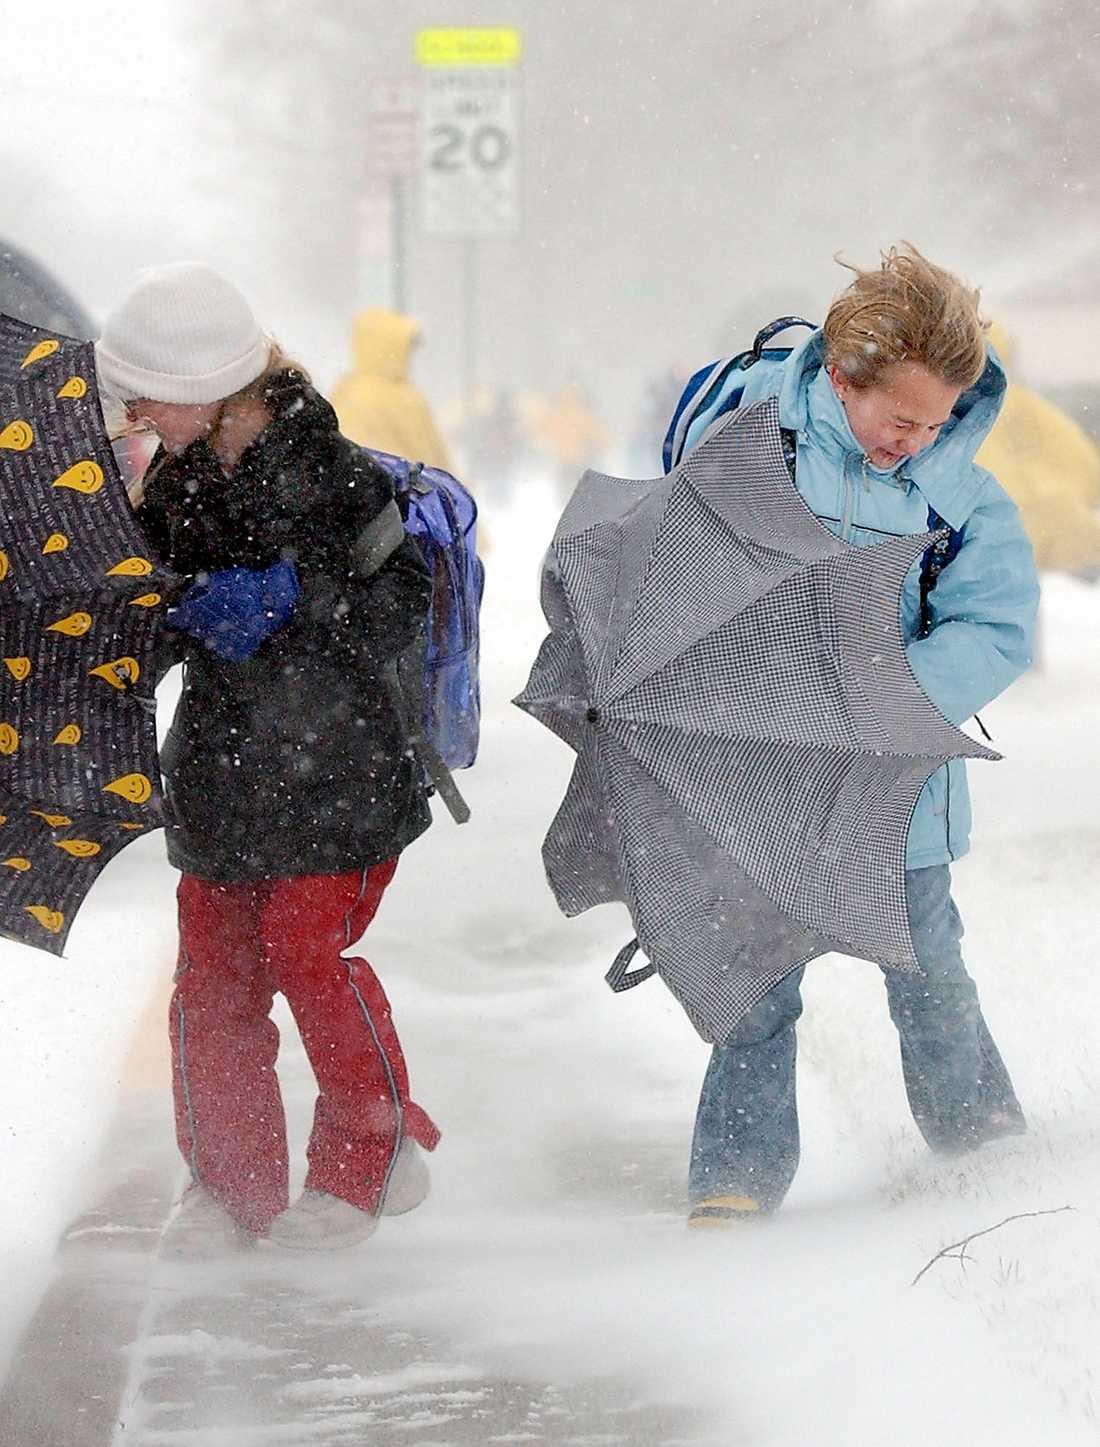 Södra Sverige har mycket hårda vindar att vänta i dag.